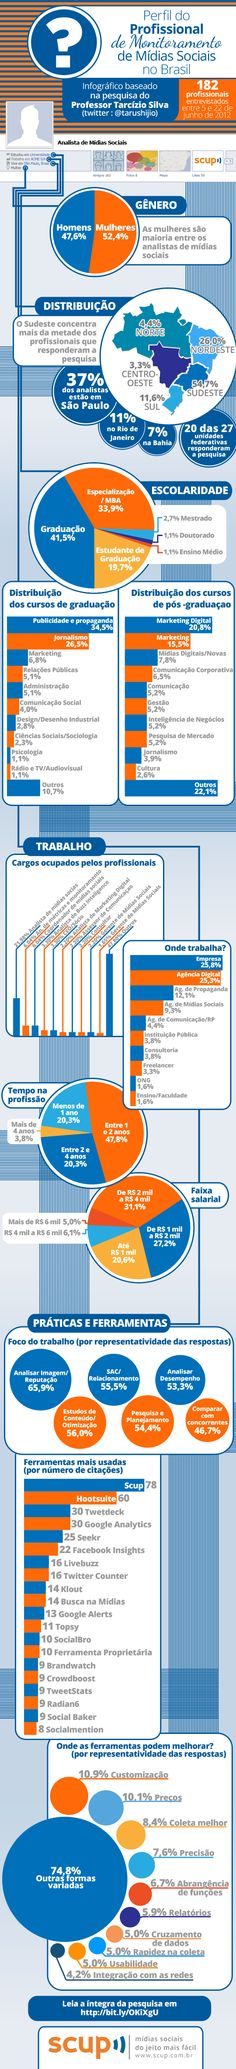 O profissional de monitoramento de mídias sociais no Brasil